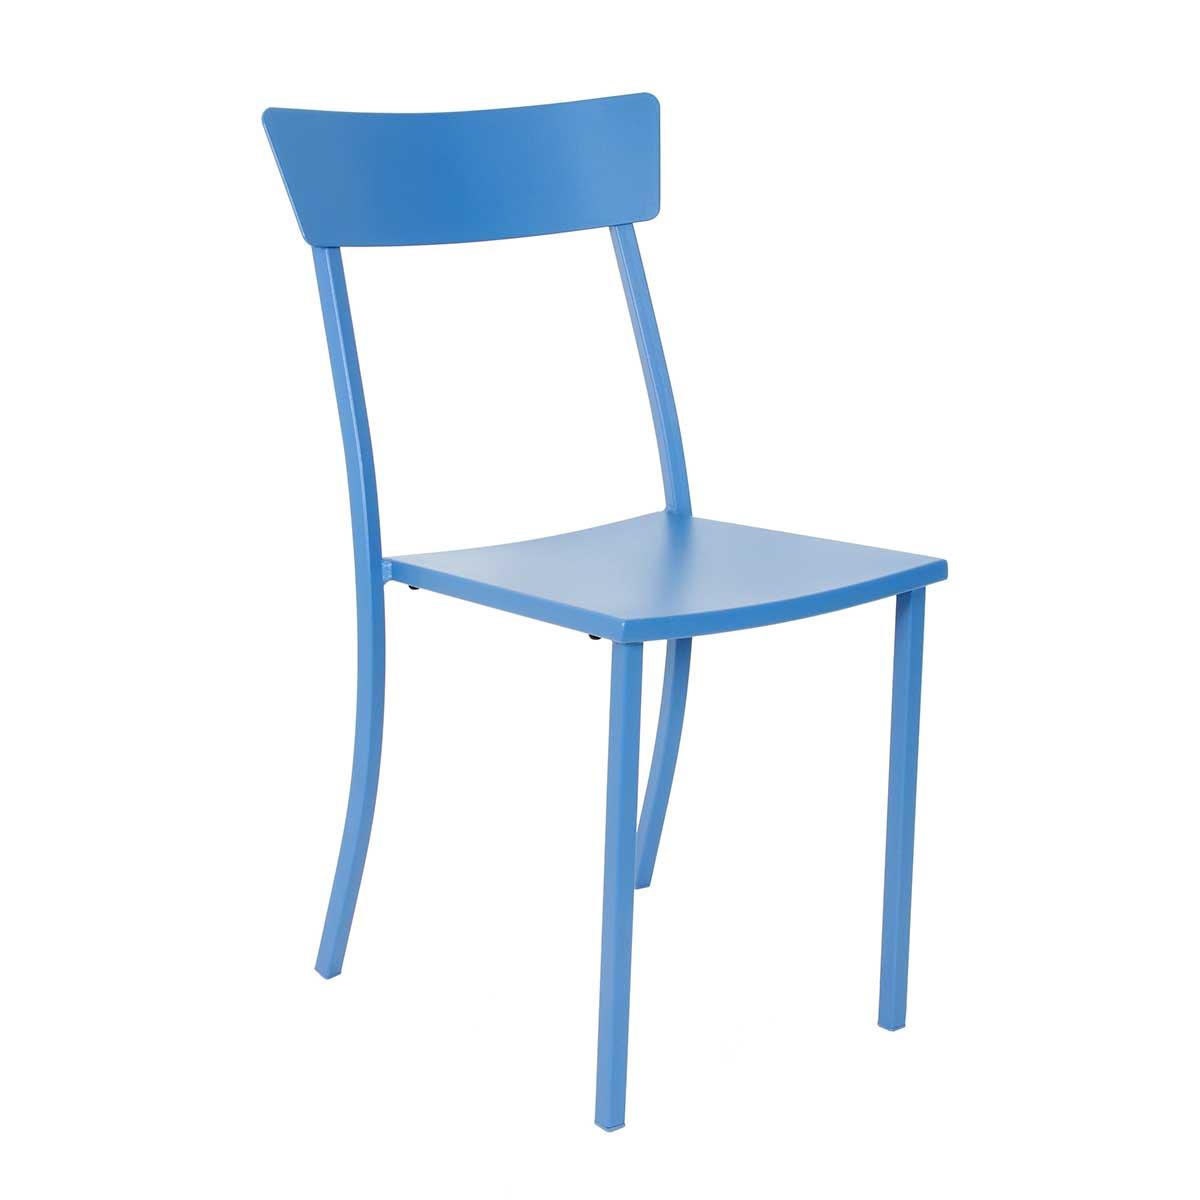 Catgorie chaise de jardin page 6 du guide et comparateur d for Achat mobilier de jardin en ligne